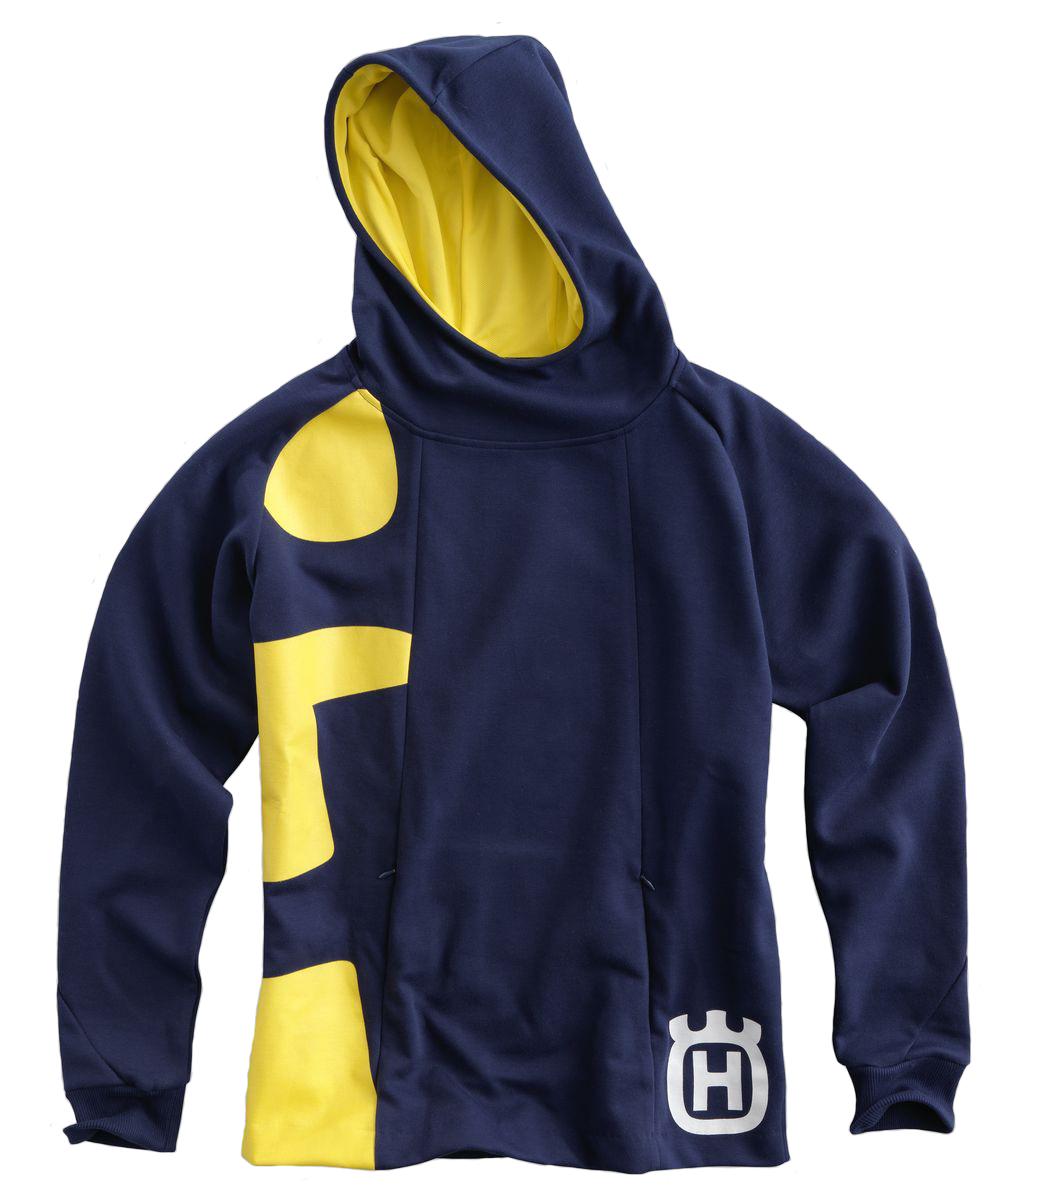 Husqvarna Inventor Hoodie Yellow